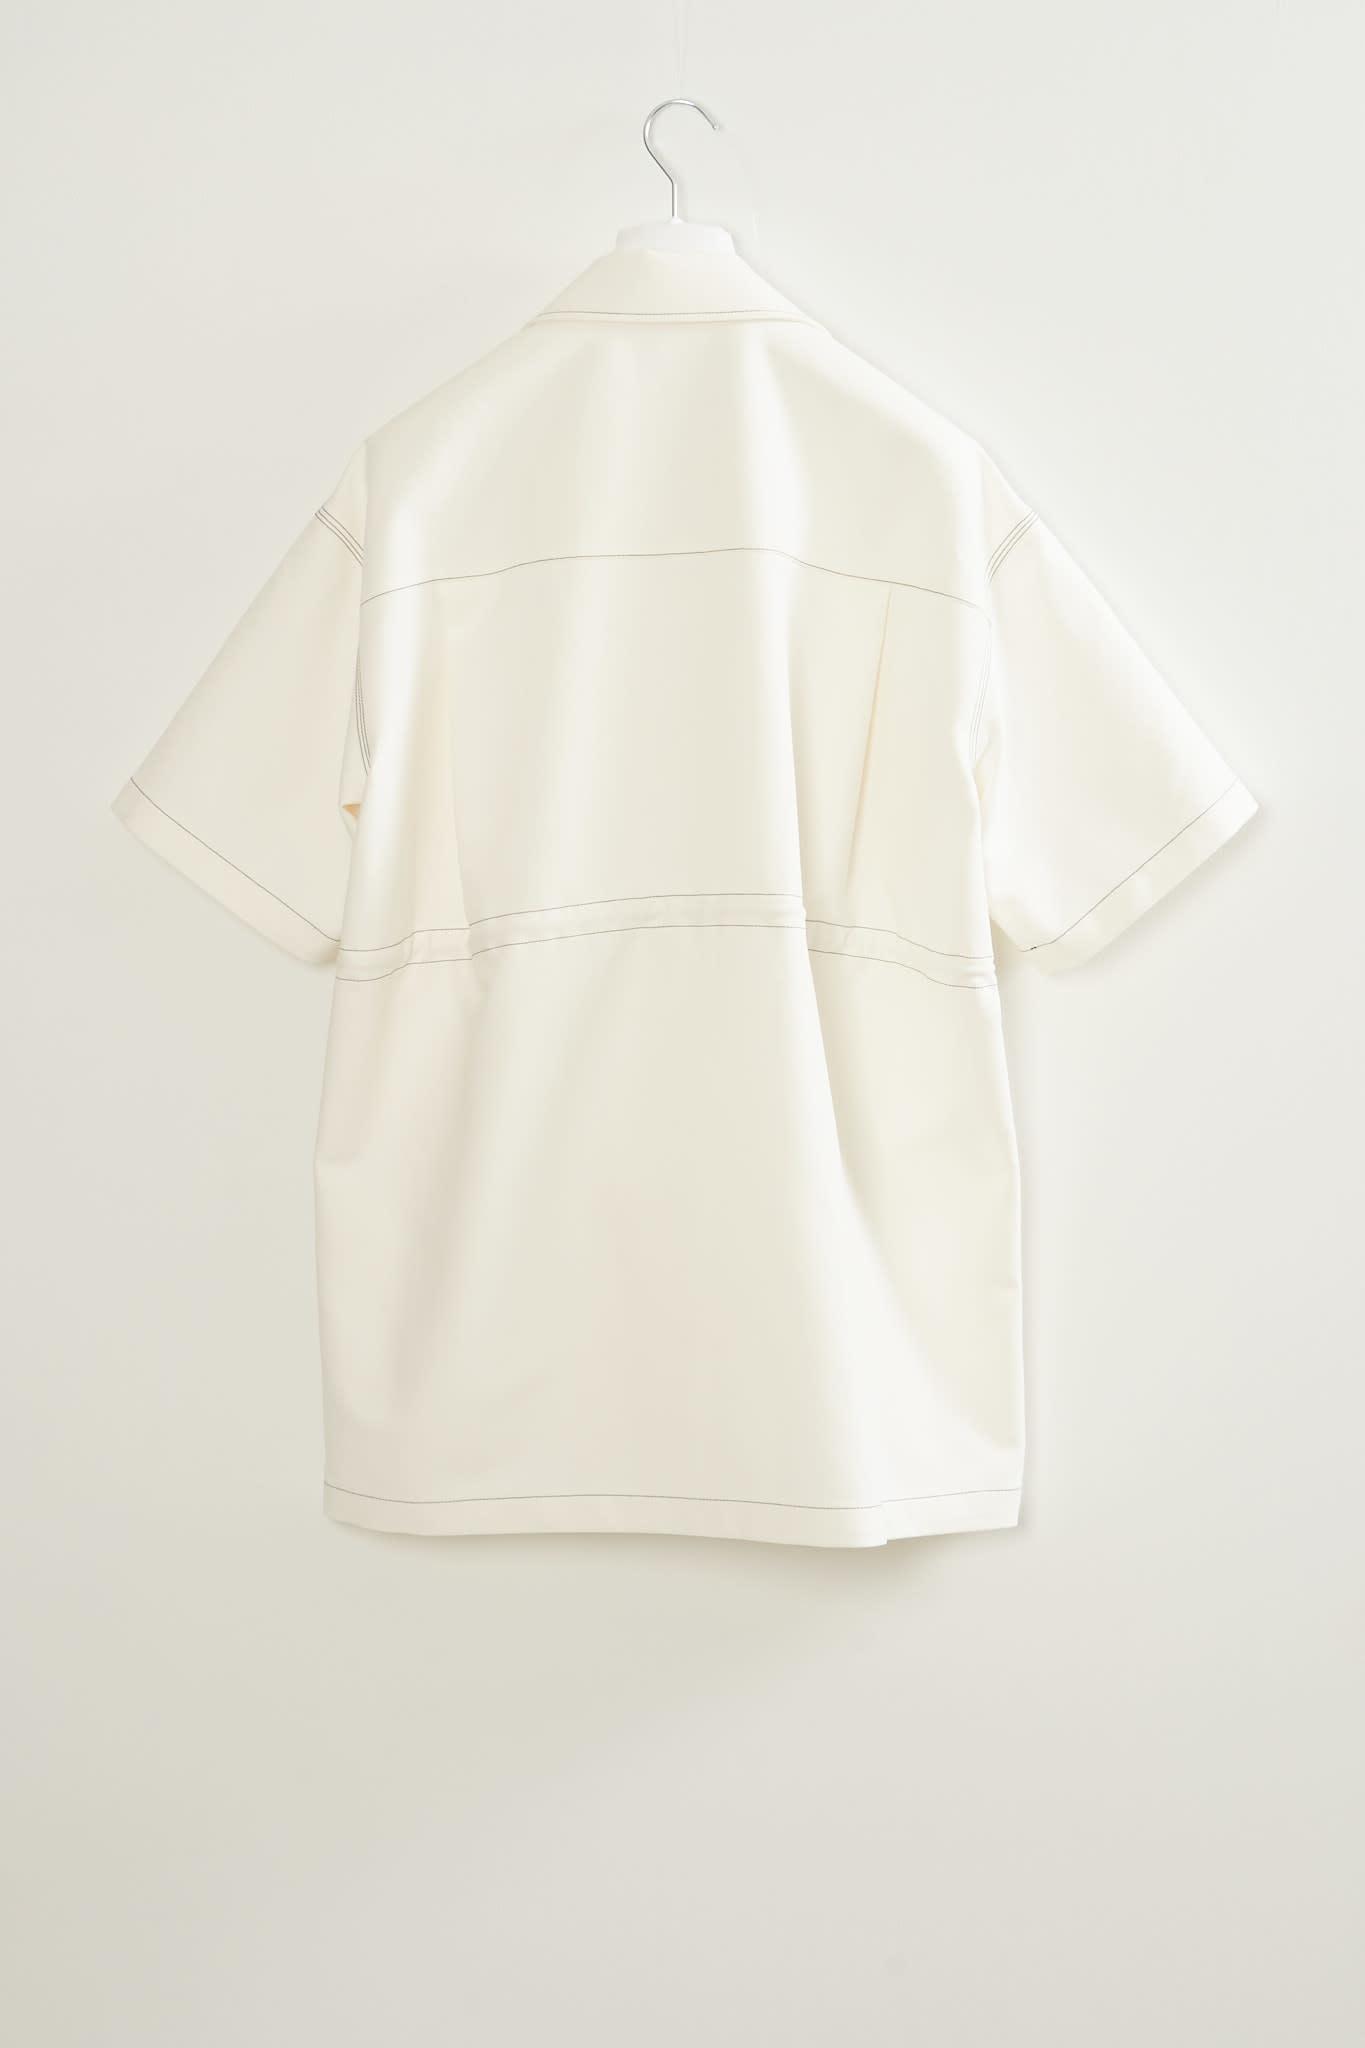 Drae - Boy stitch shirt